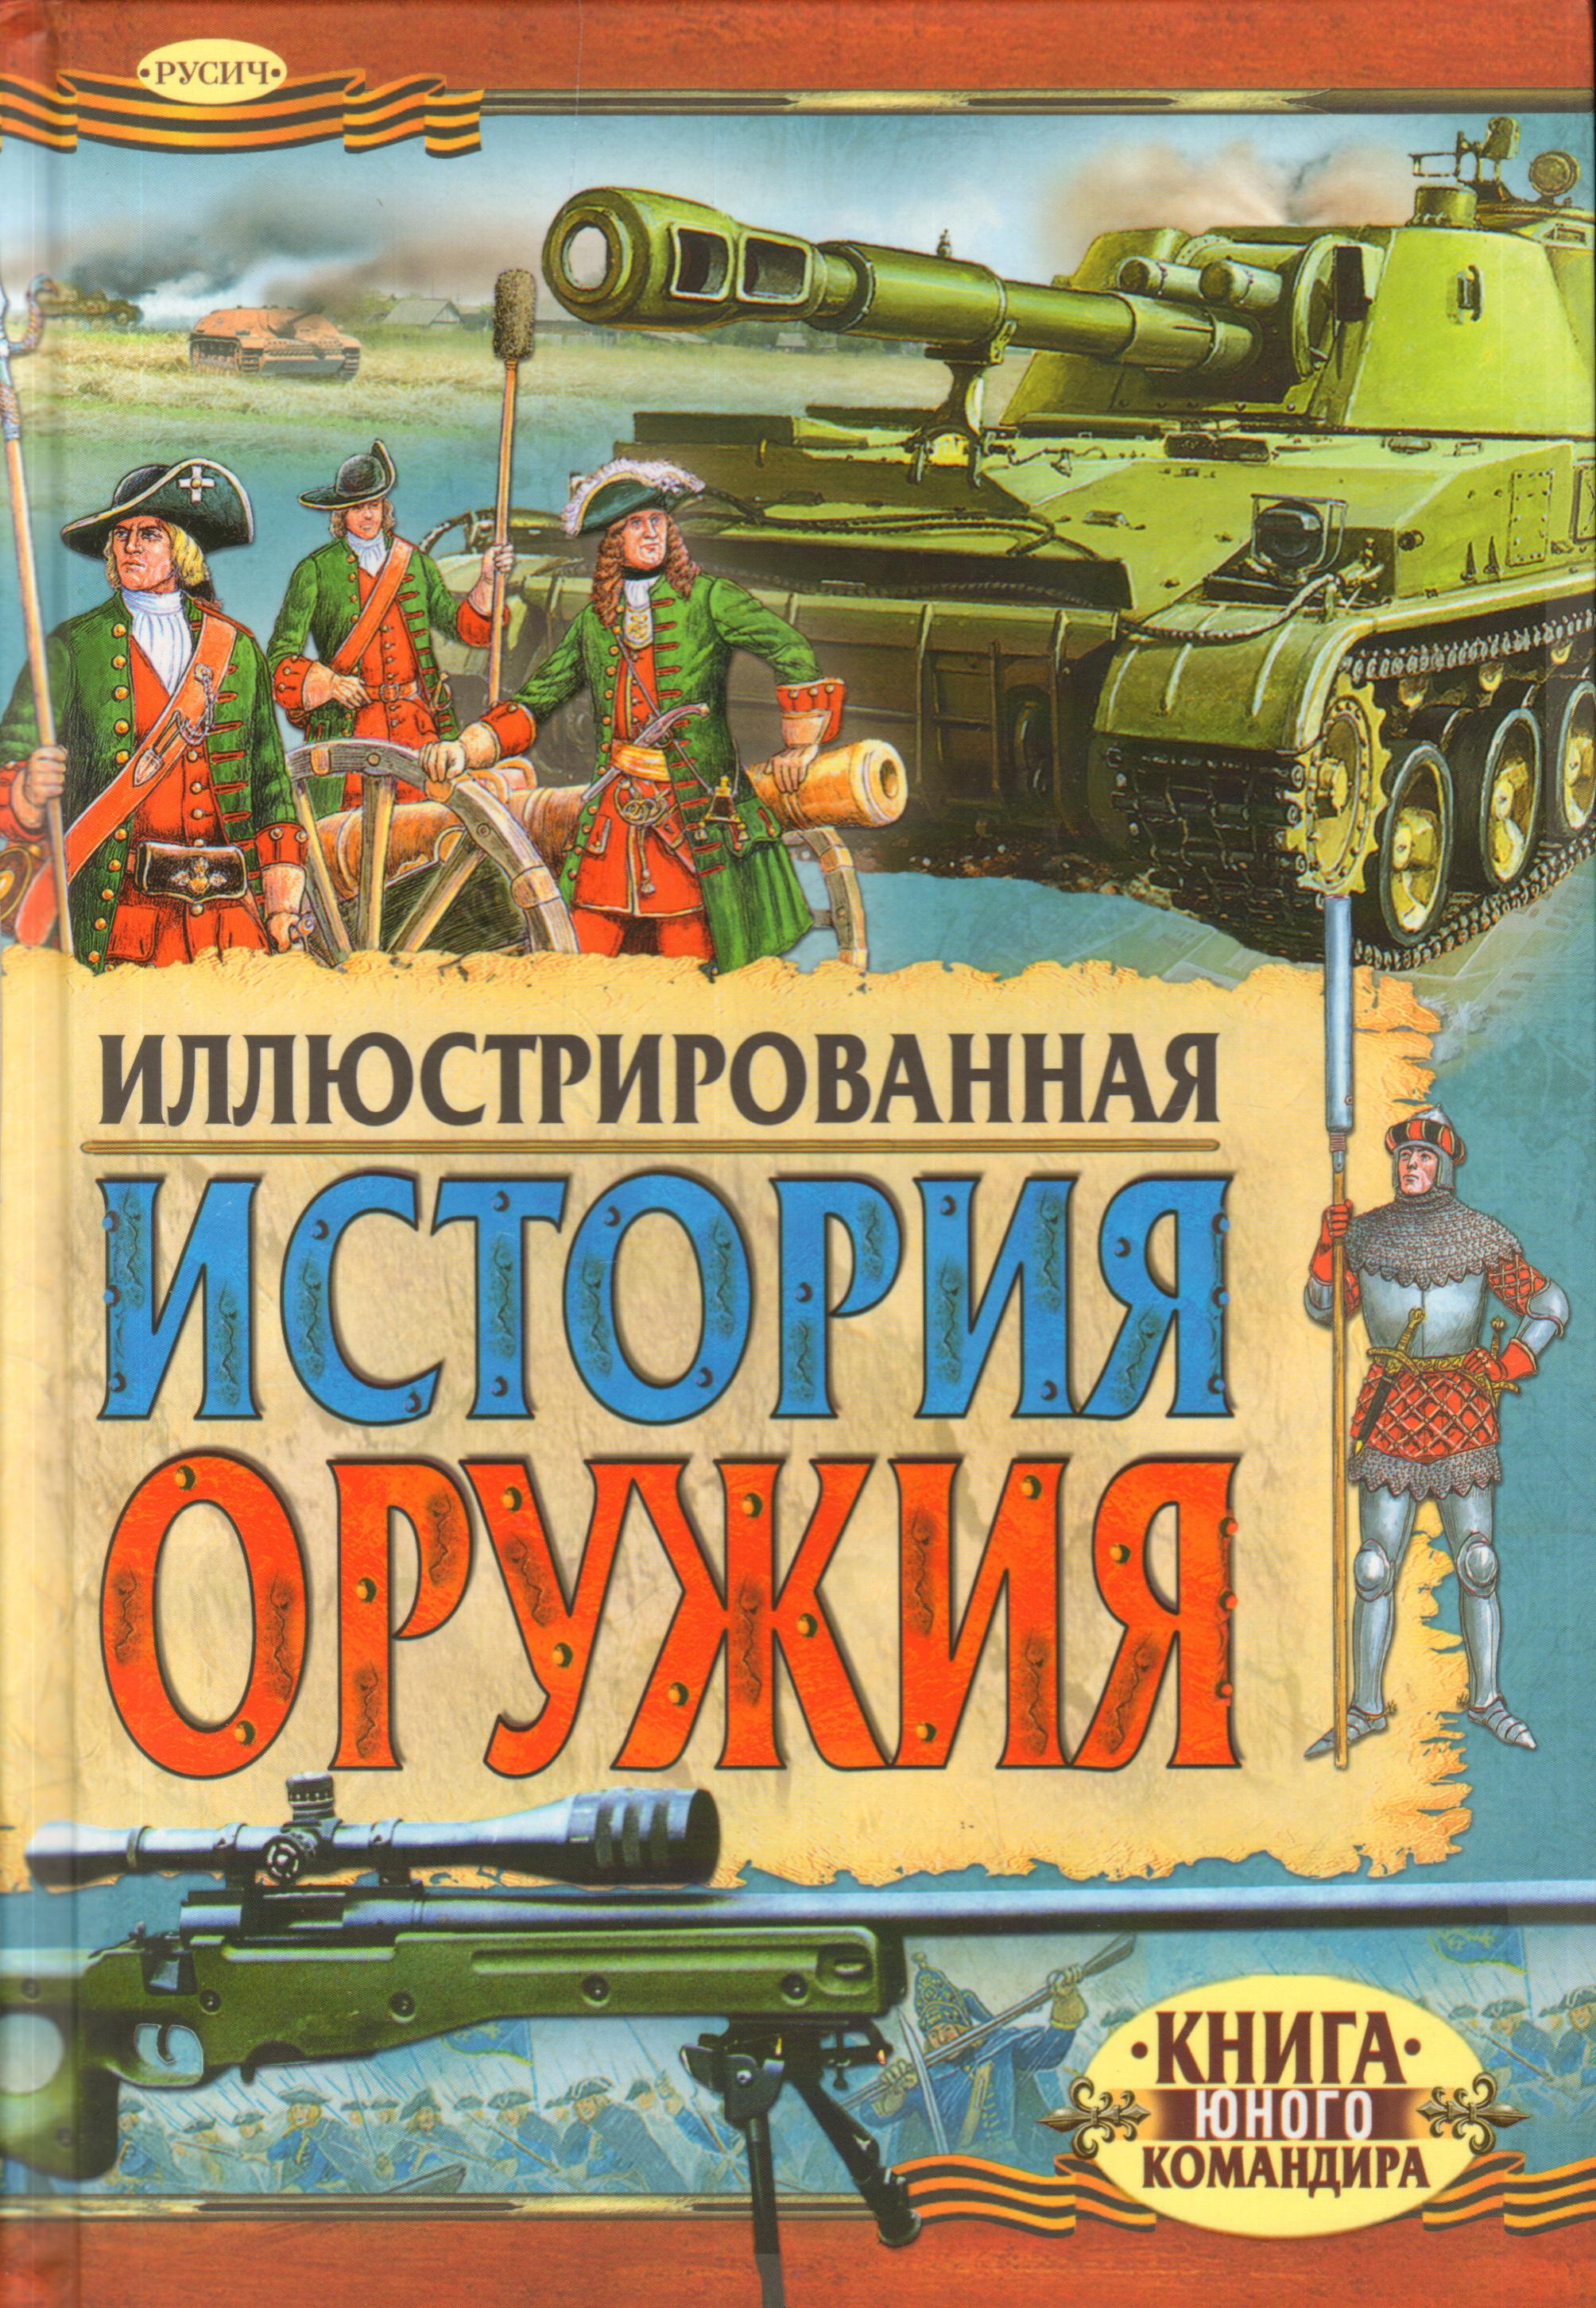 Иллюстрированная история оружия